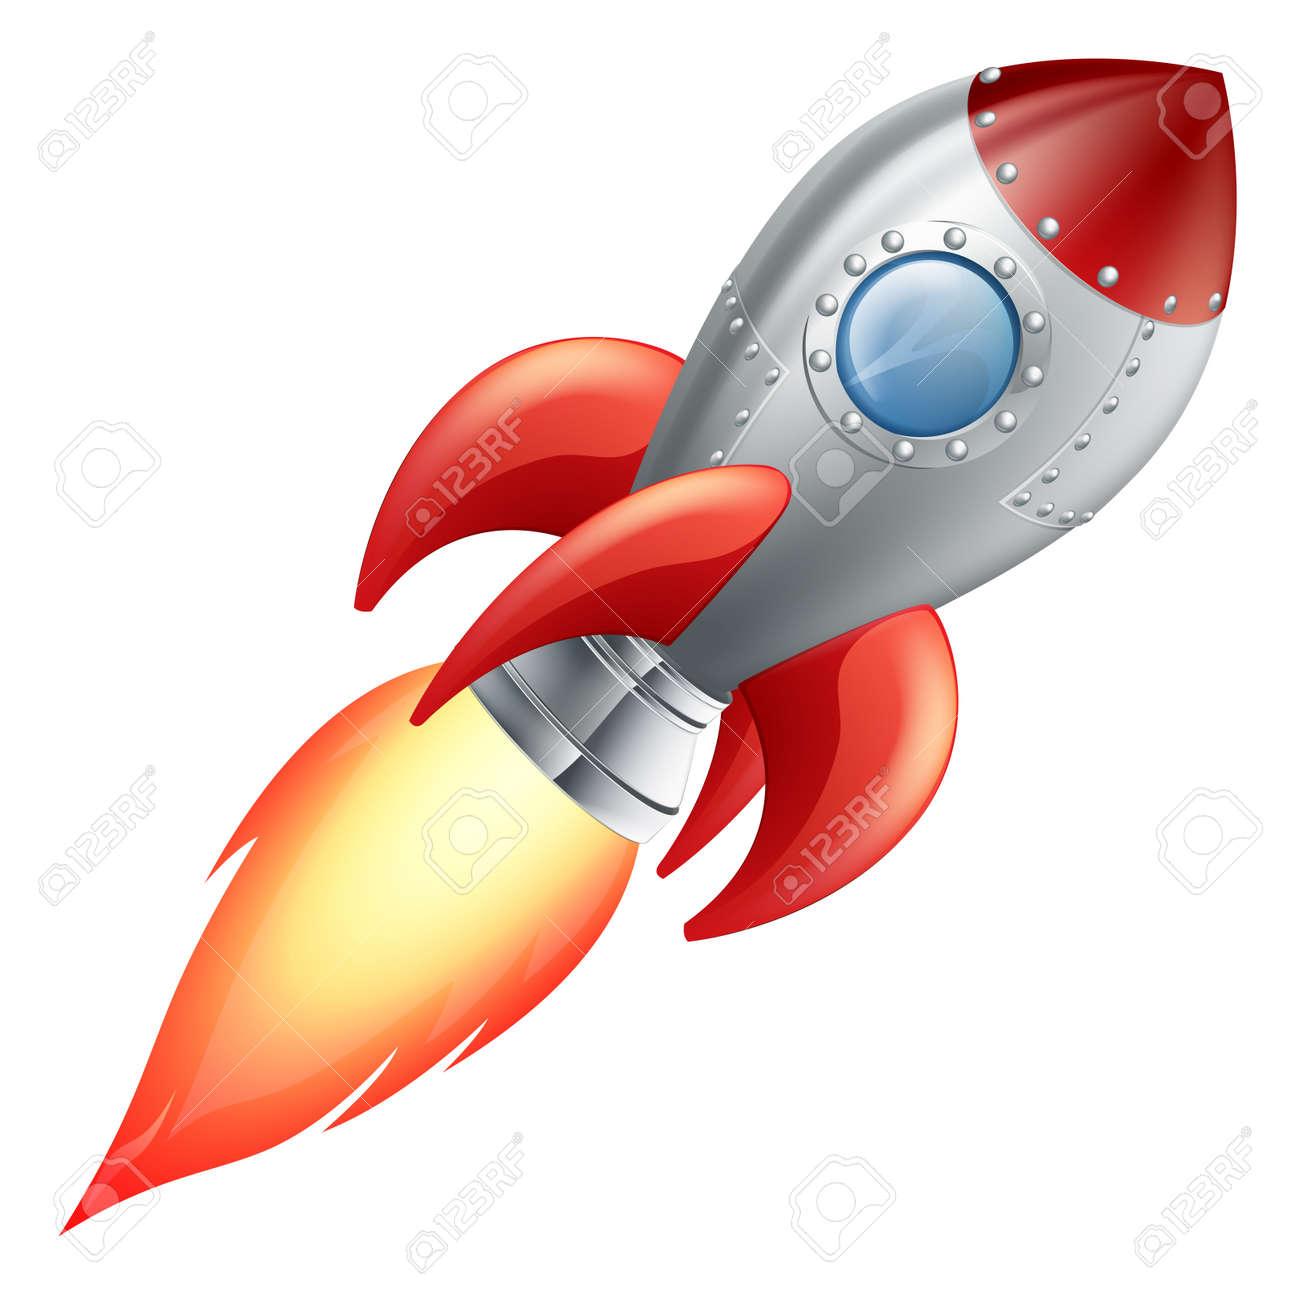 かわいい漫画のロケット宇宙船のイラストのイラスト素材ベクタ Image